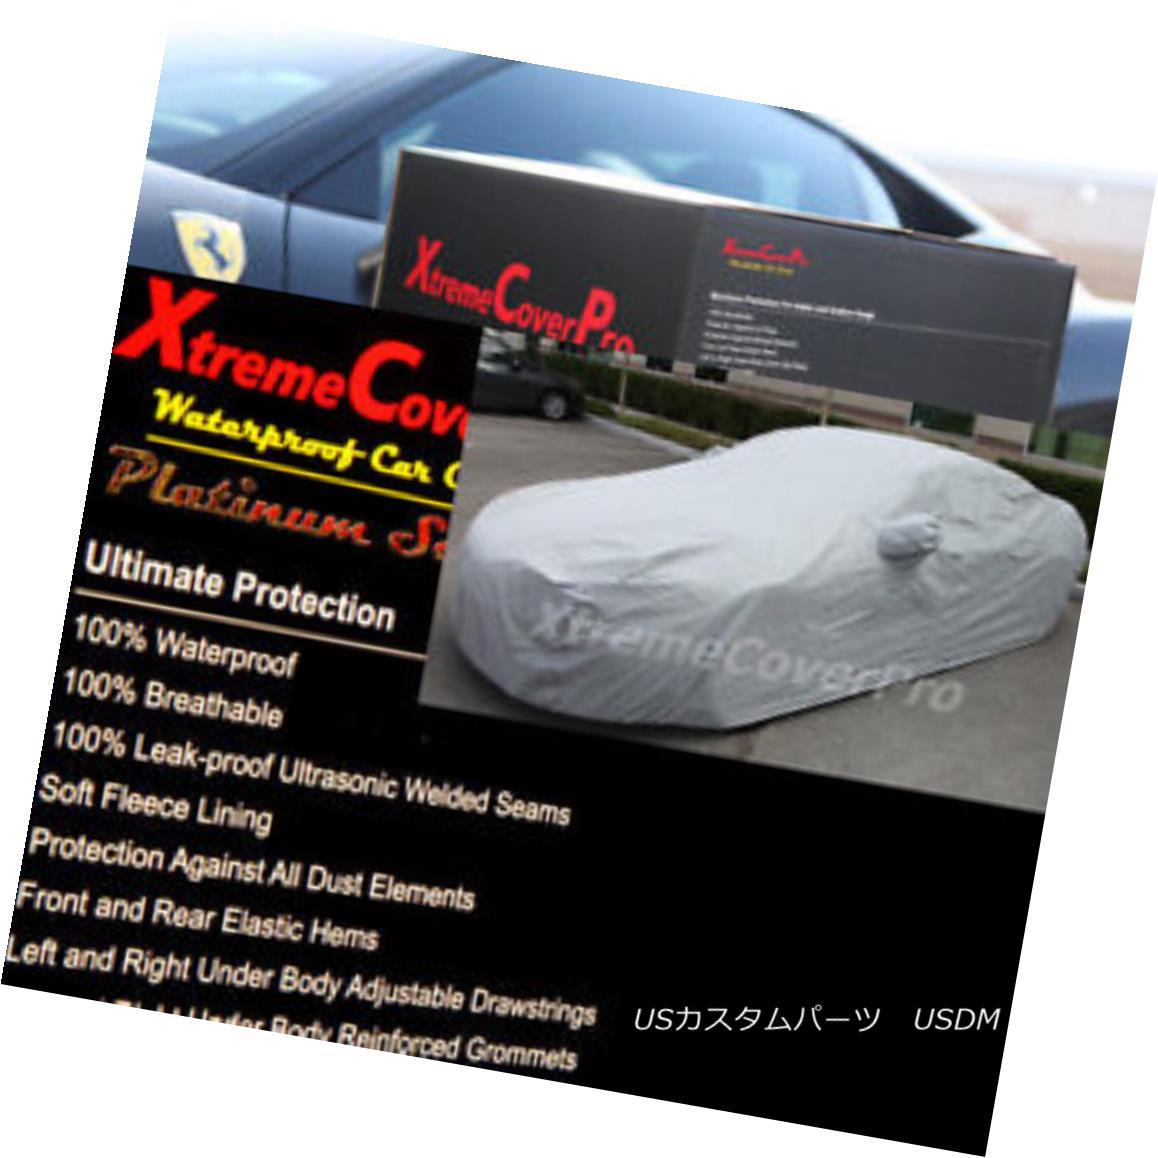 カーカバー 2010 2011 2012 2013 Ford Mustang Coupe Waterproof Car Cover w/MirrorPocket 2010年2011年2013年2013フォードマスタングクーペMirrorPocket付き防水カーカバー